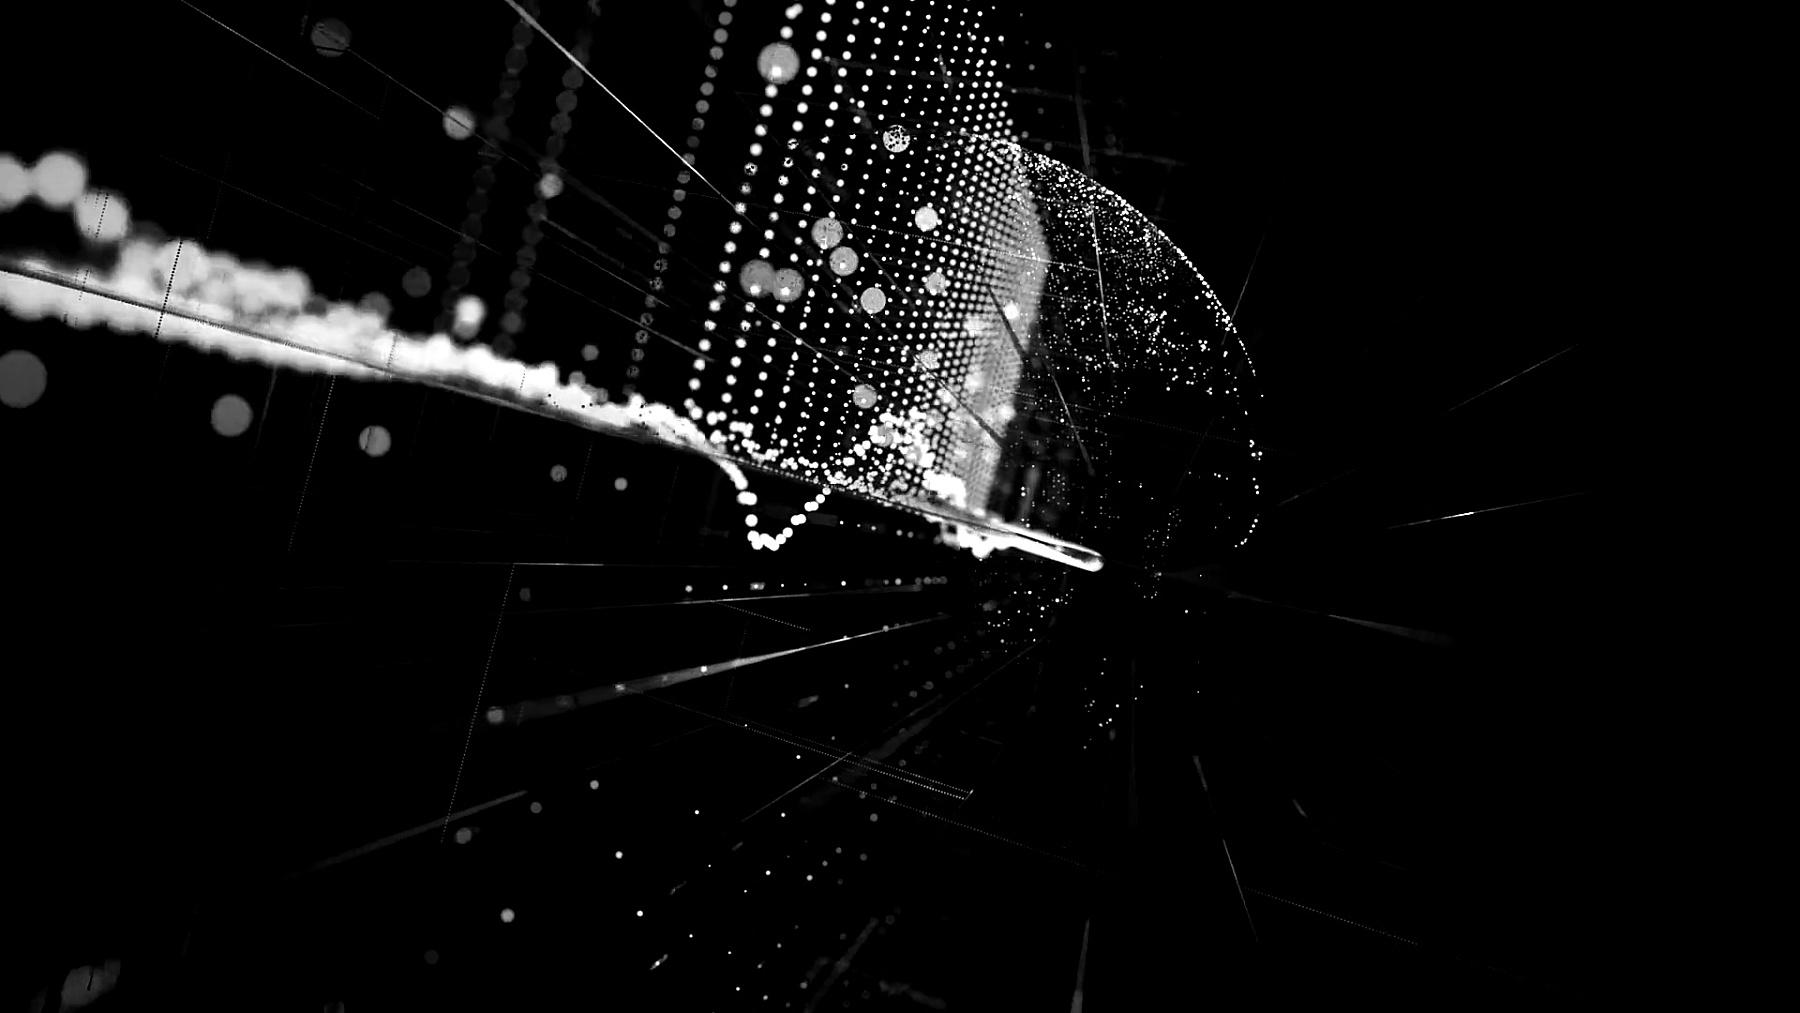 数字网络概念